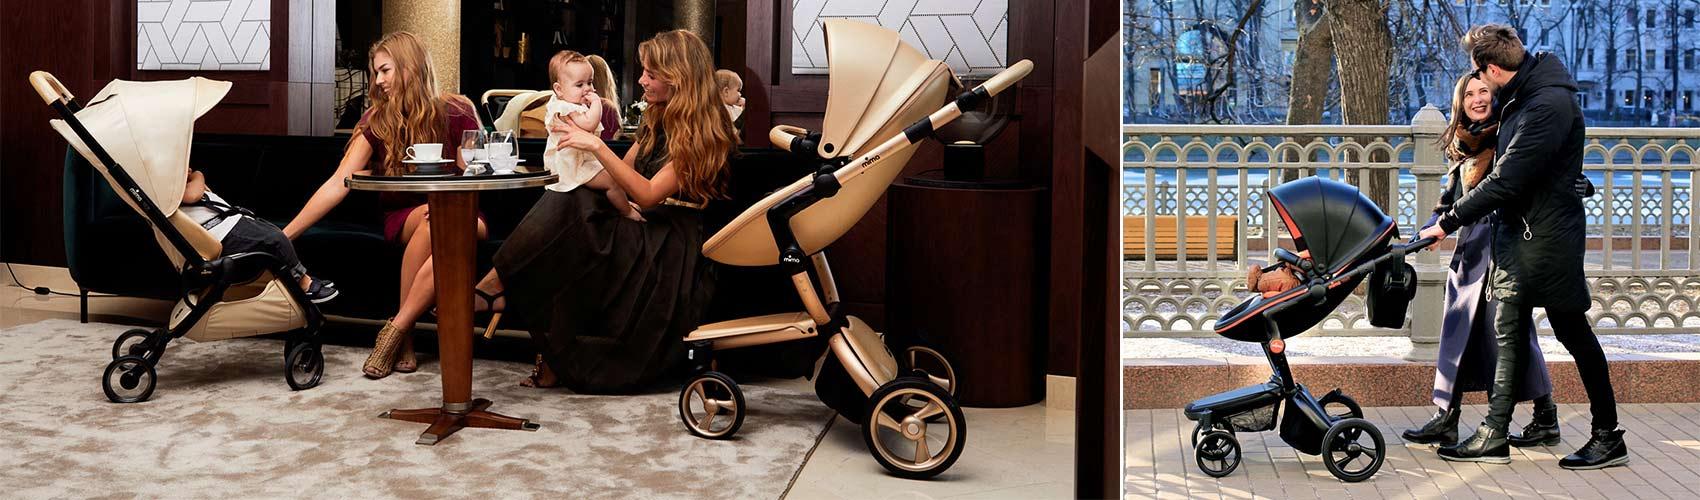 Mima Passeggini e Seggioloni Rivenditore Ufficiale - vendita online - Bimbi Megastore negozio per la prima infanzia